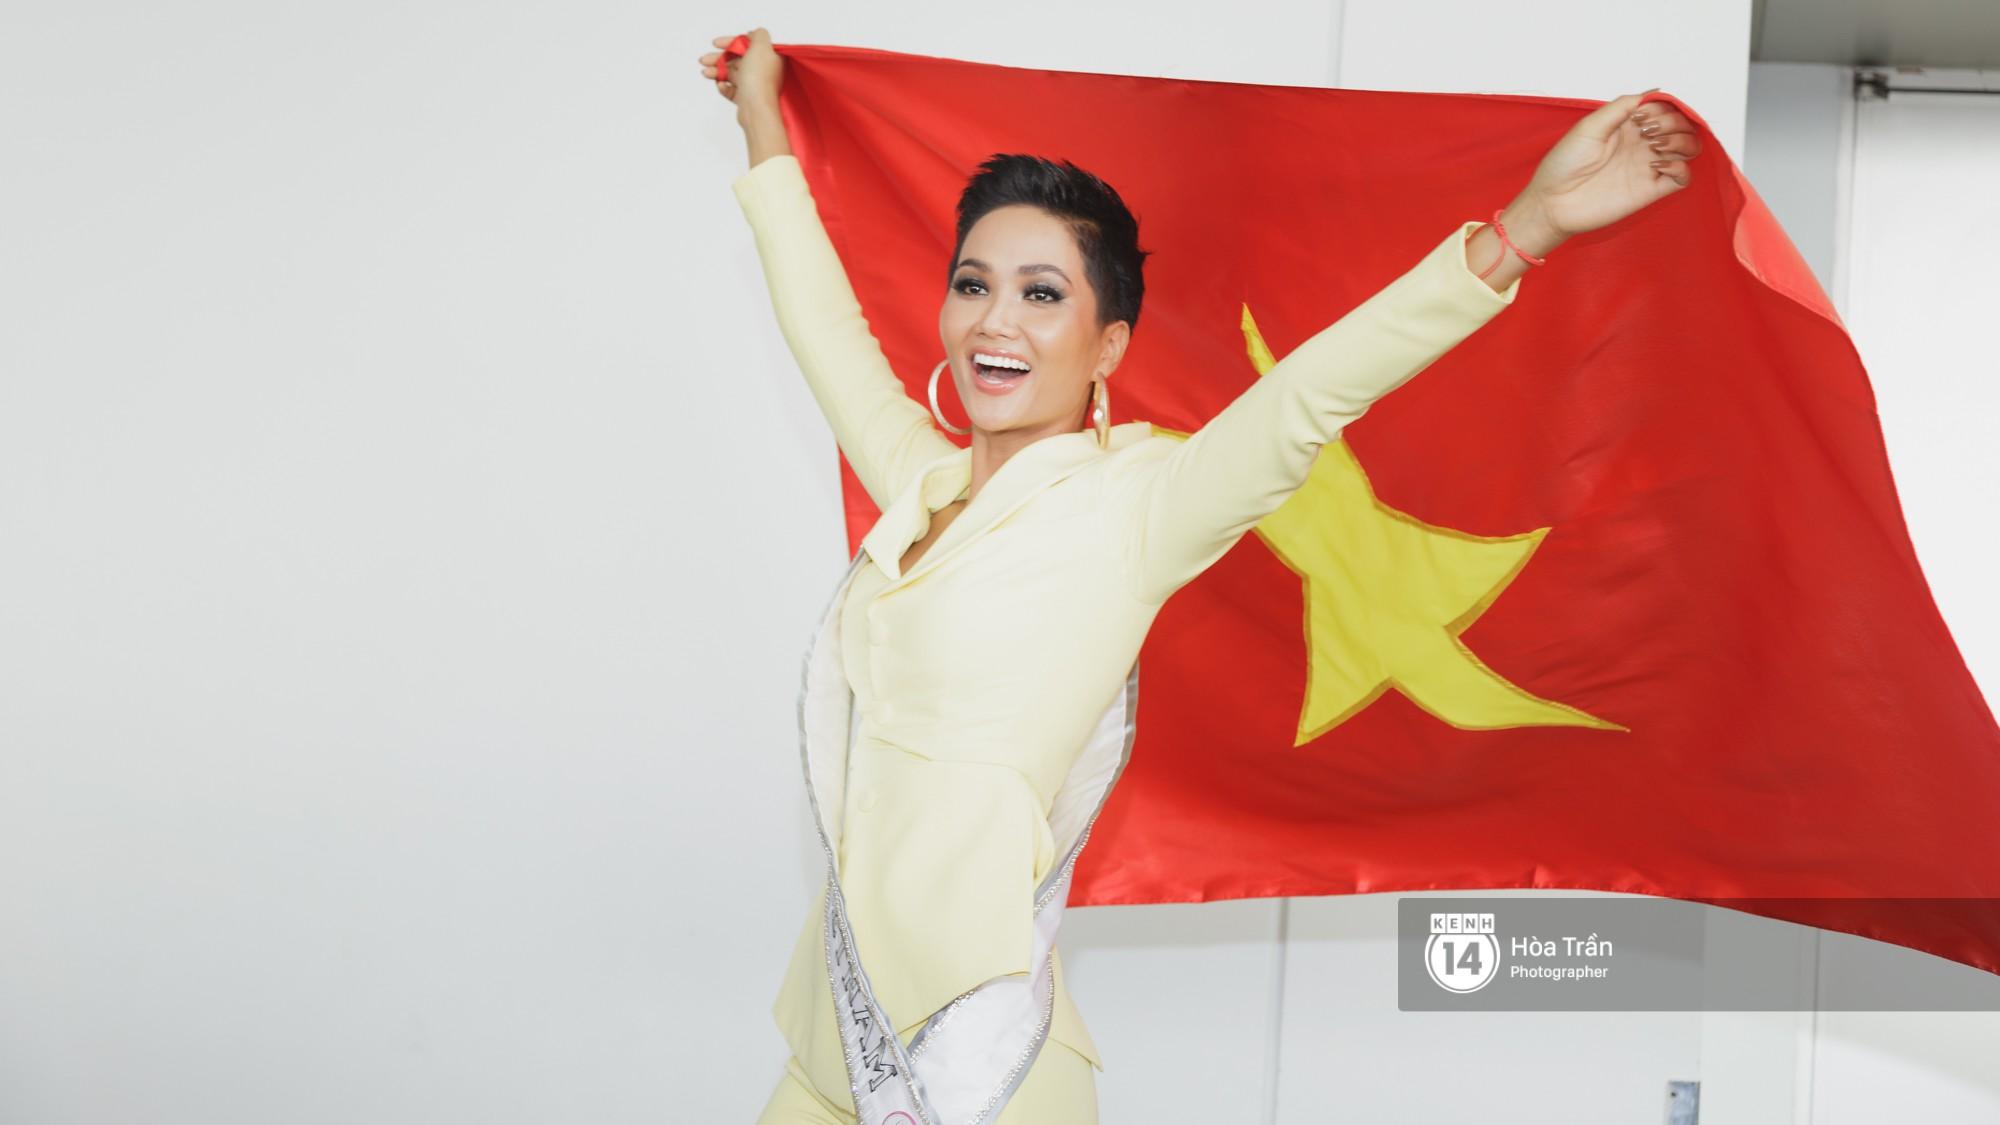 Gia đình HHen Niê diện trang phục người Ê-Đê, tiễn chân con gái bản làng đến Thái tham dự Miss Universe - Ảnh 5.